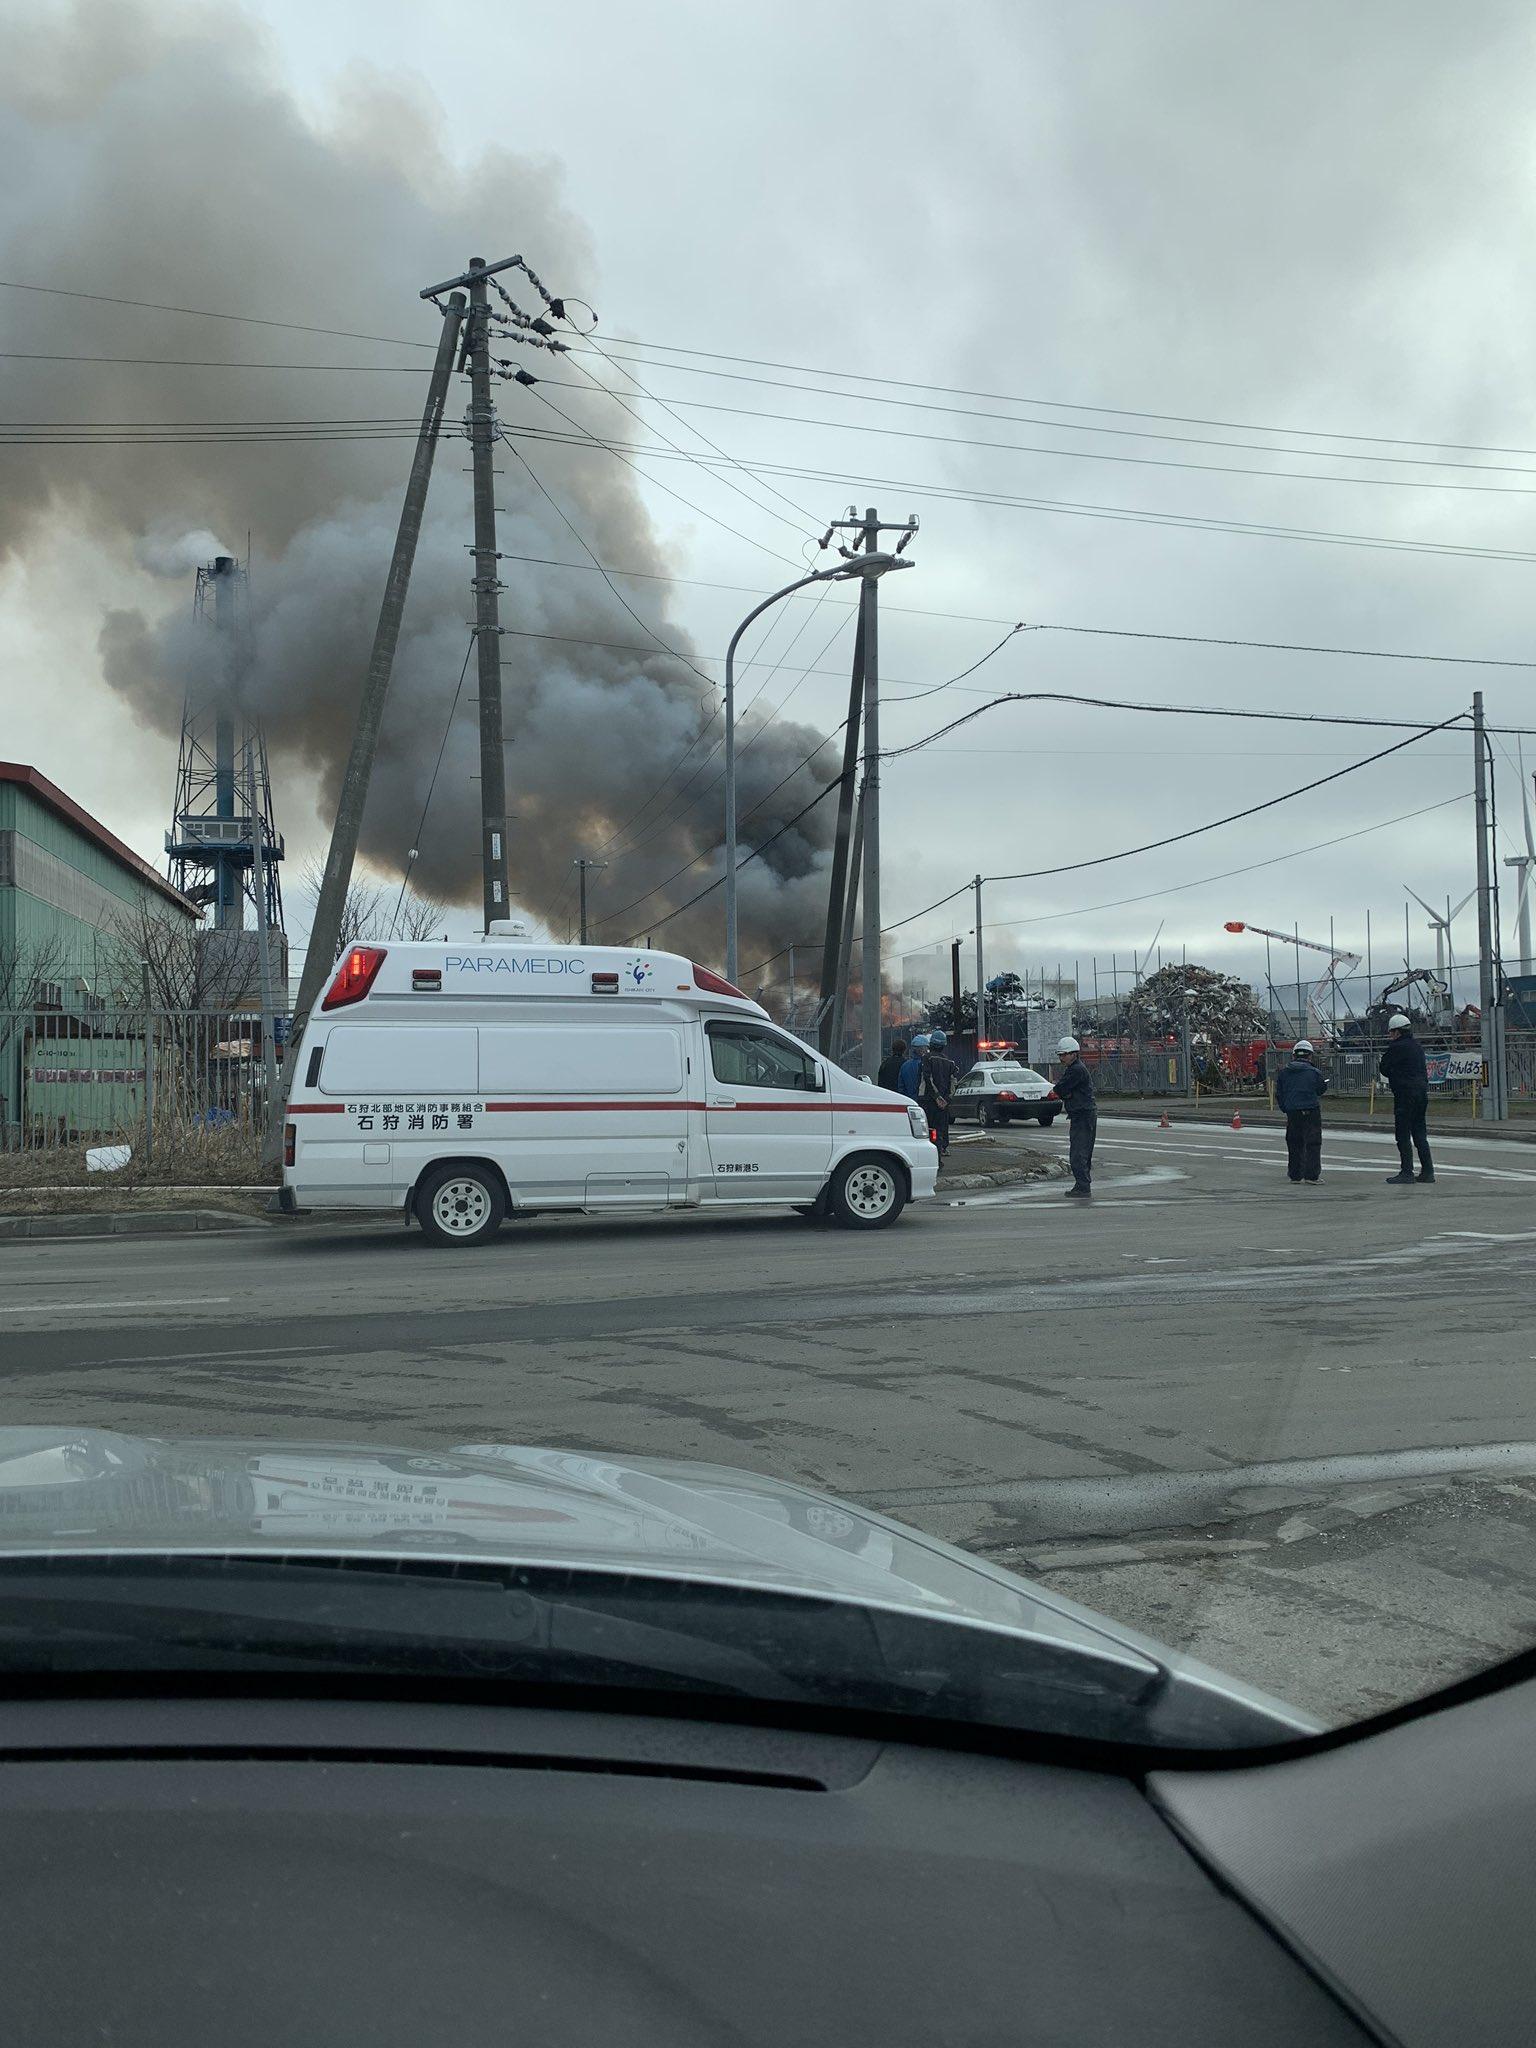 石狩市新港中央で火事が起きている現場の画像